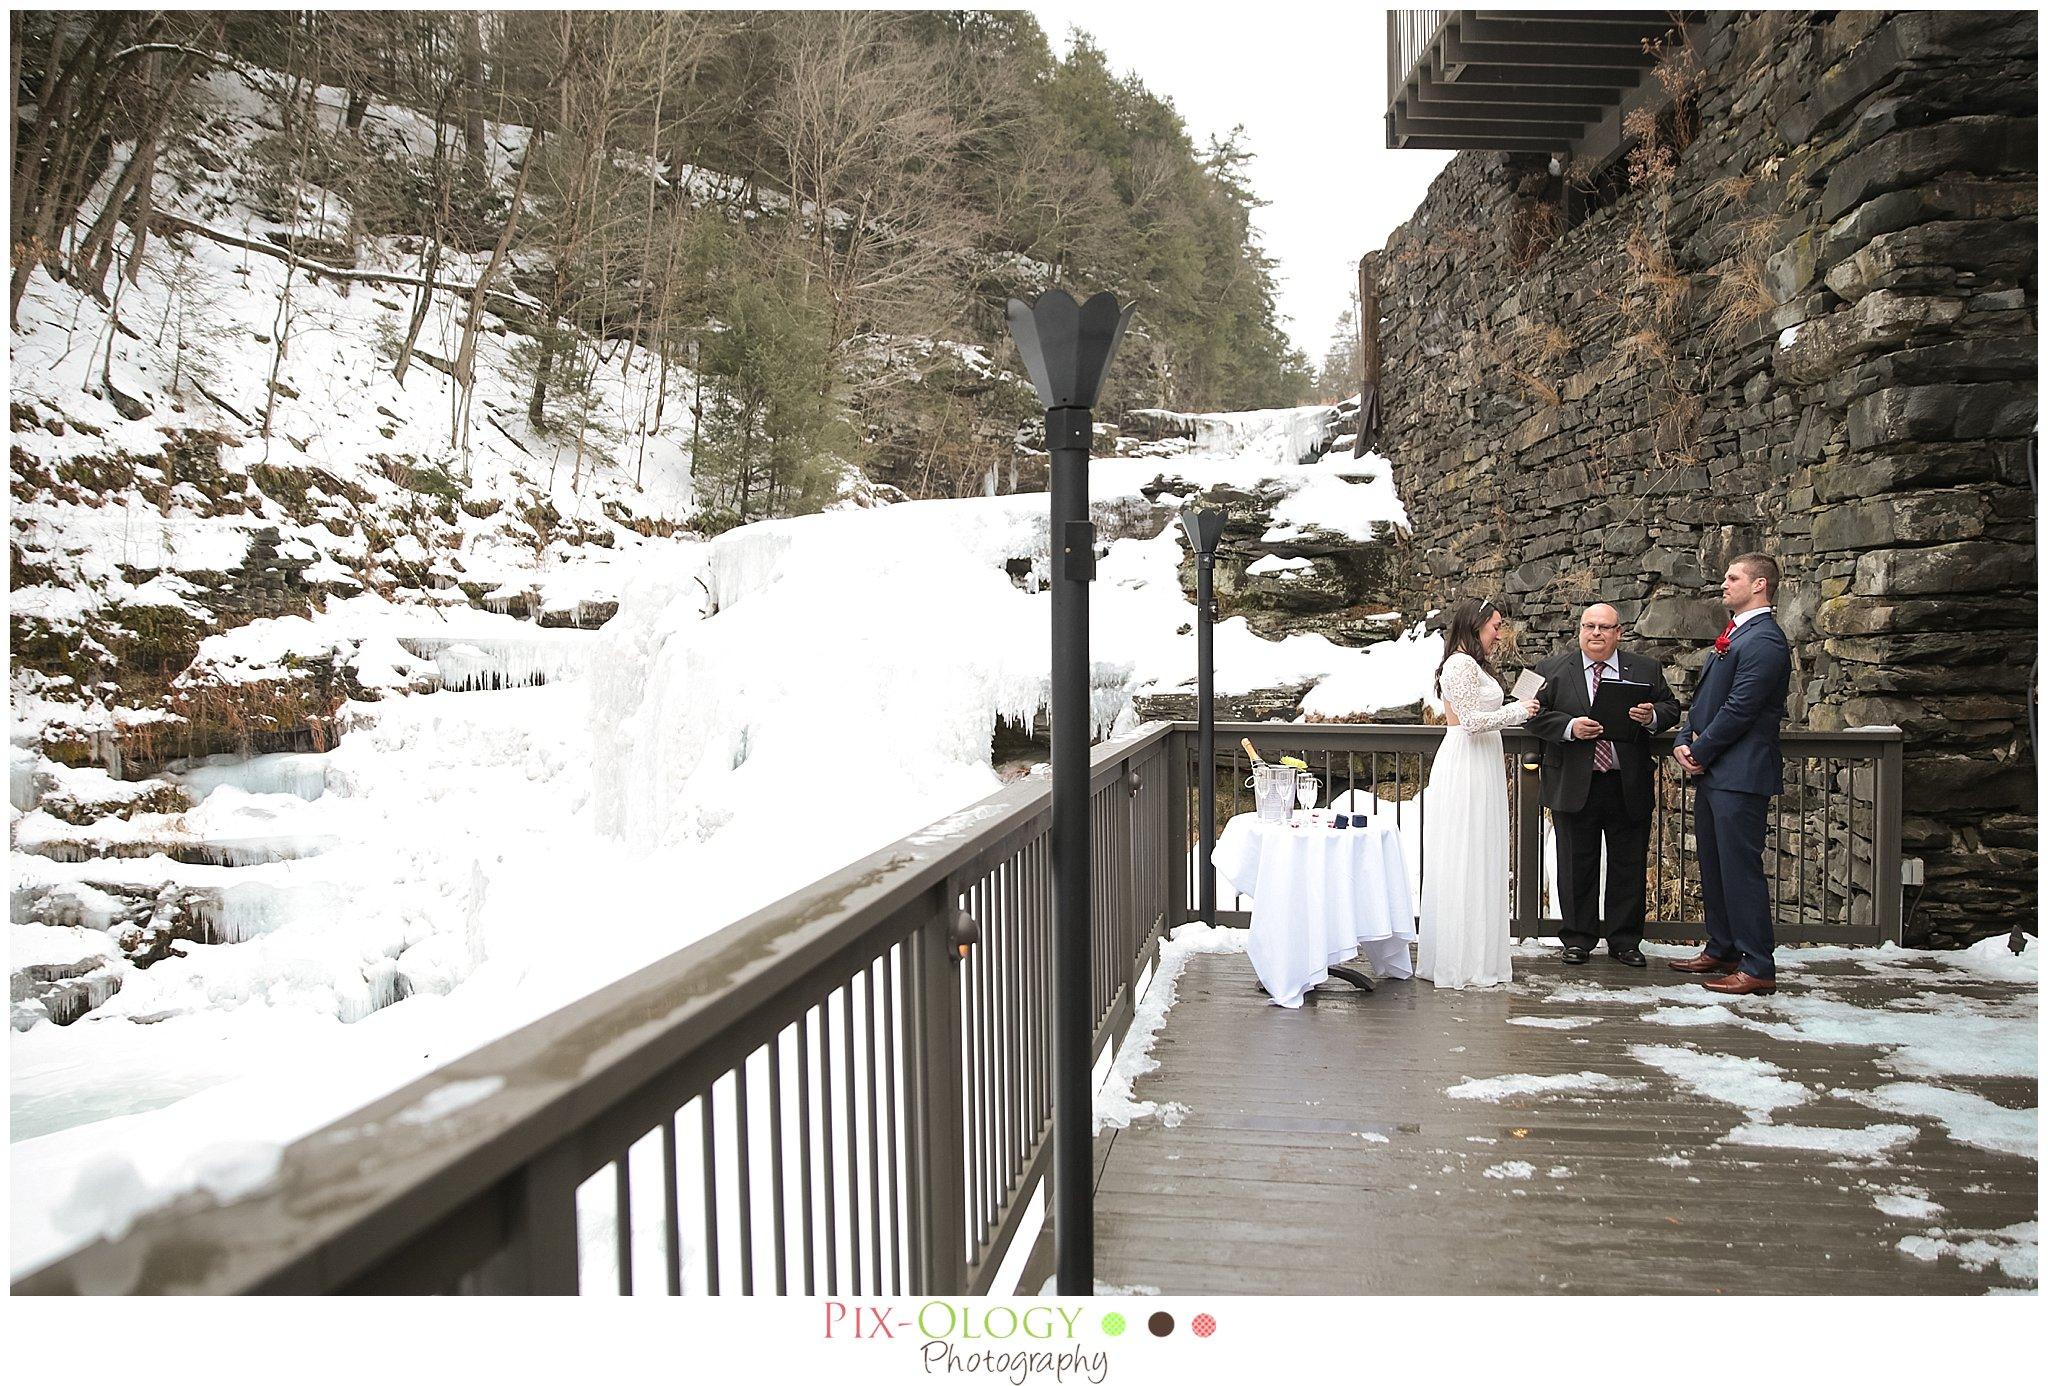 pix-ology photography wedding ledges hotel hawley